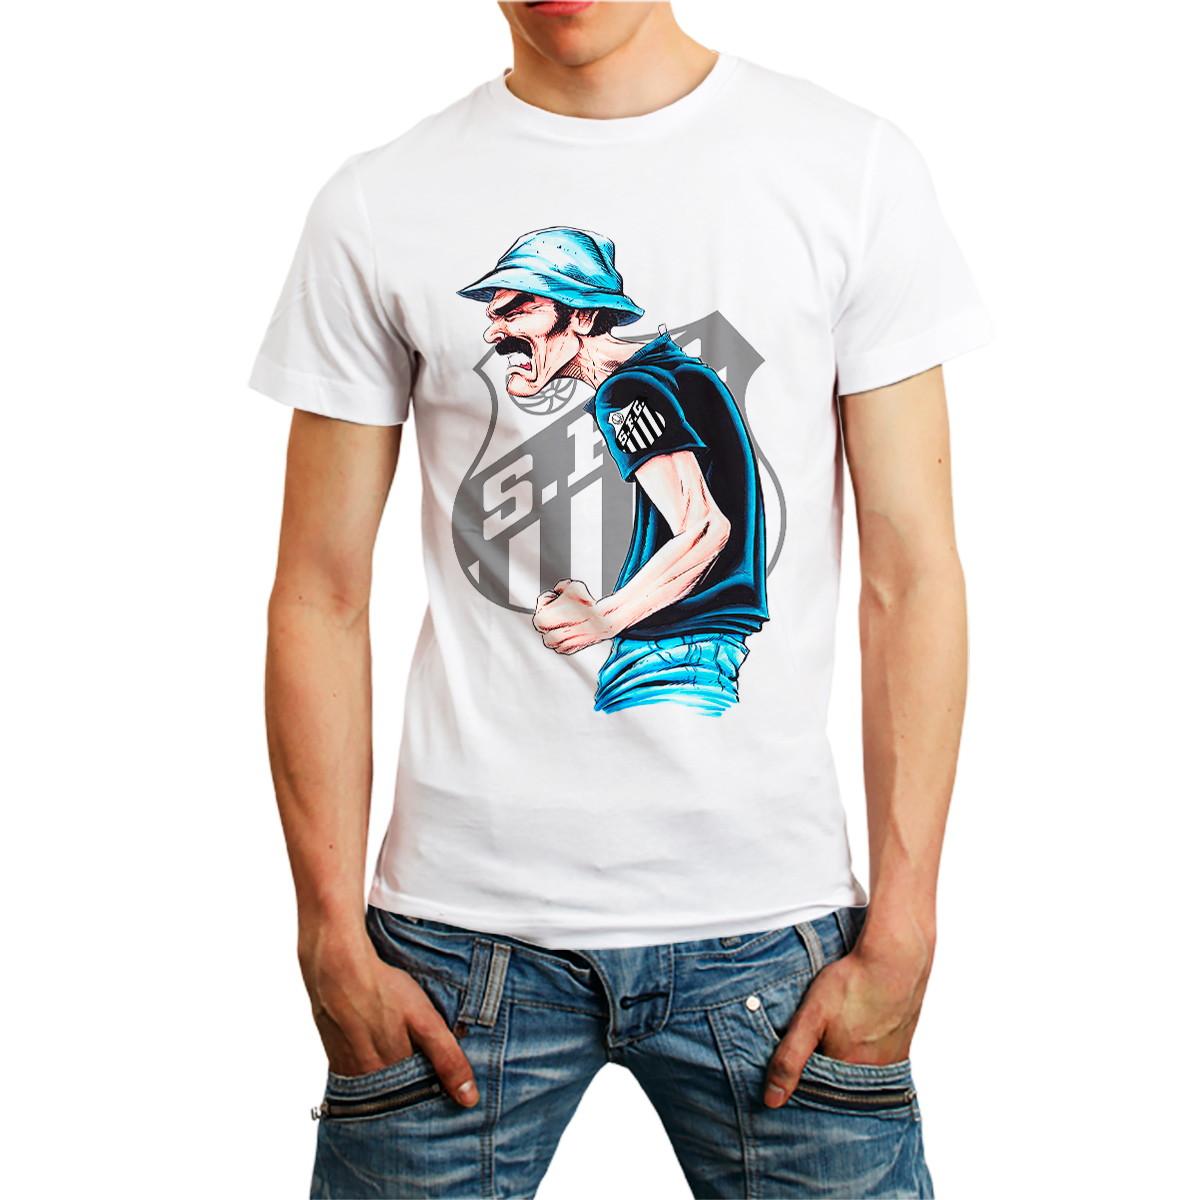 557752a85a Camiseta Seu Madruga Camisa Futebol Time Brasileiro Branca no Elo7 ...